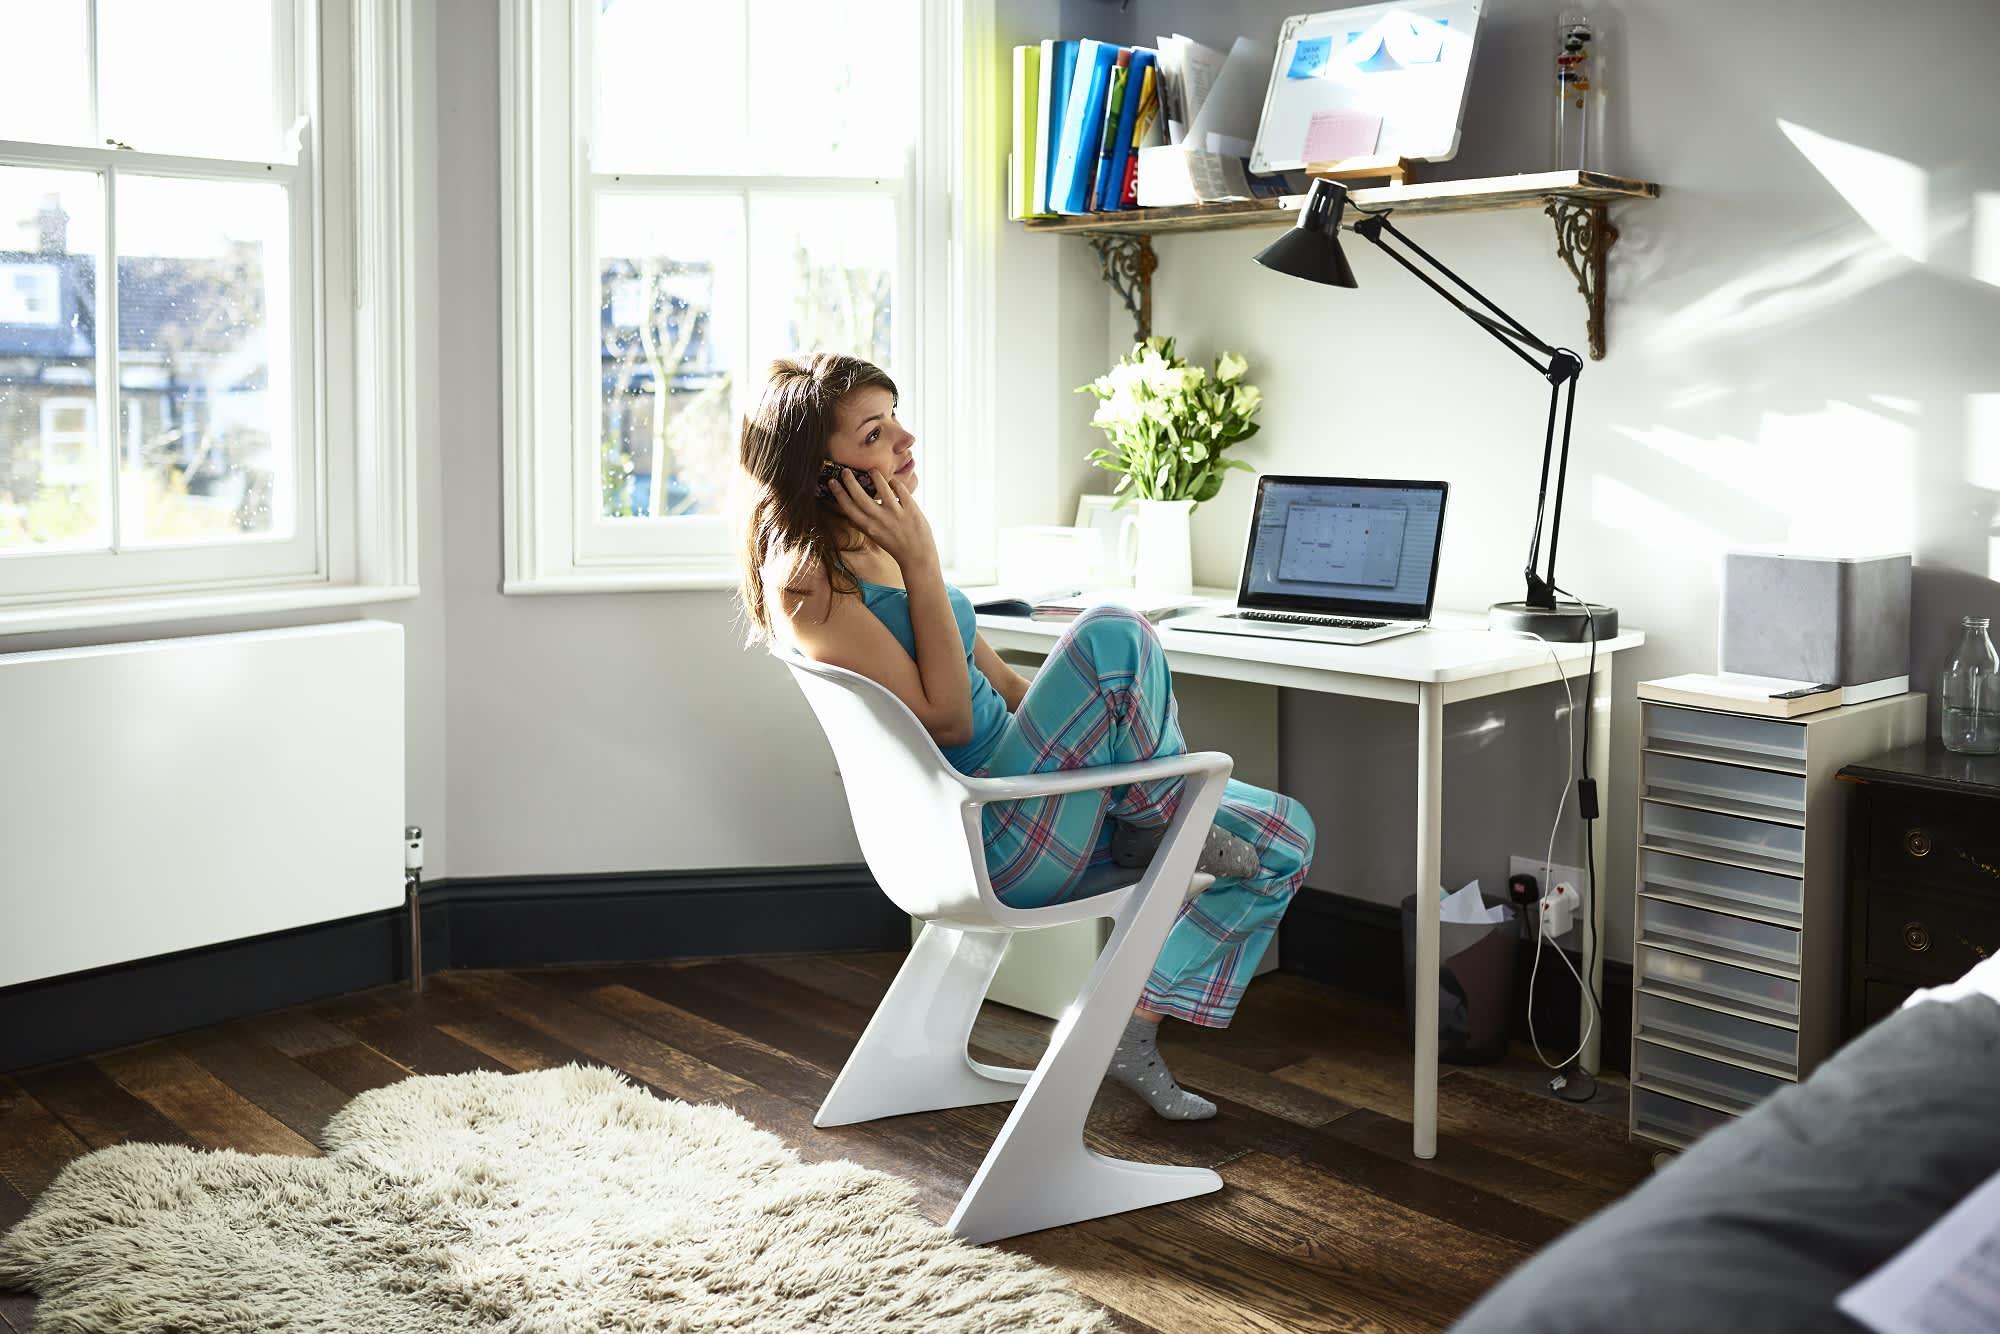 Comfort is key as virus keeps people home